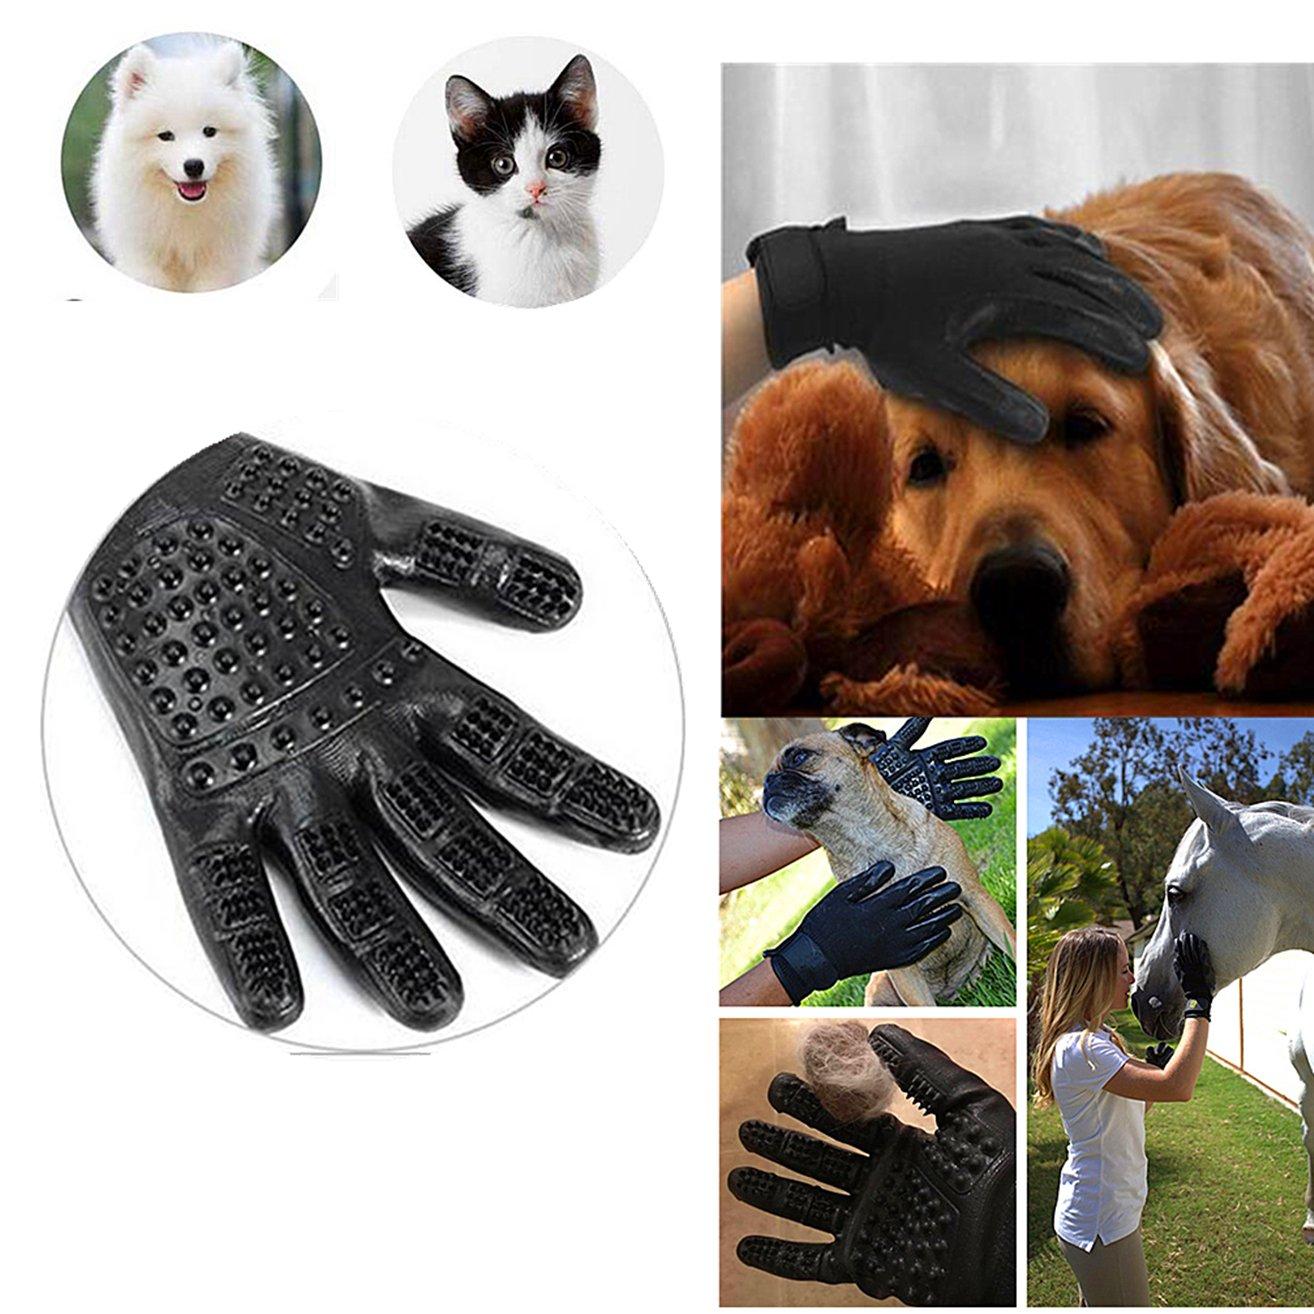 Haikingmoon Guantes Pelo Gato - Guante Pelo Perro - Guantes Mascotas - Perros/Gatos Peinador y Eliminación de Pelo - Guantes para Mascotas (2 Piezas): ...